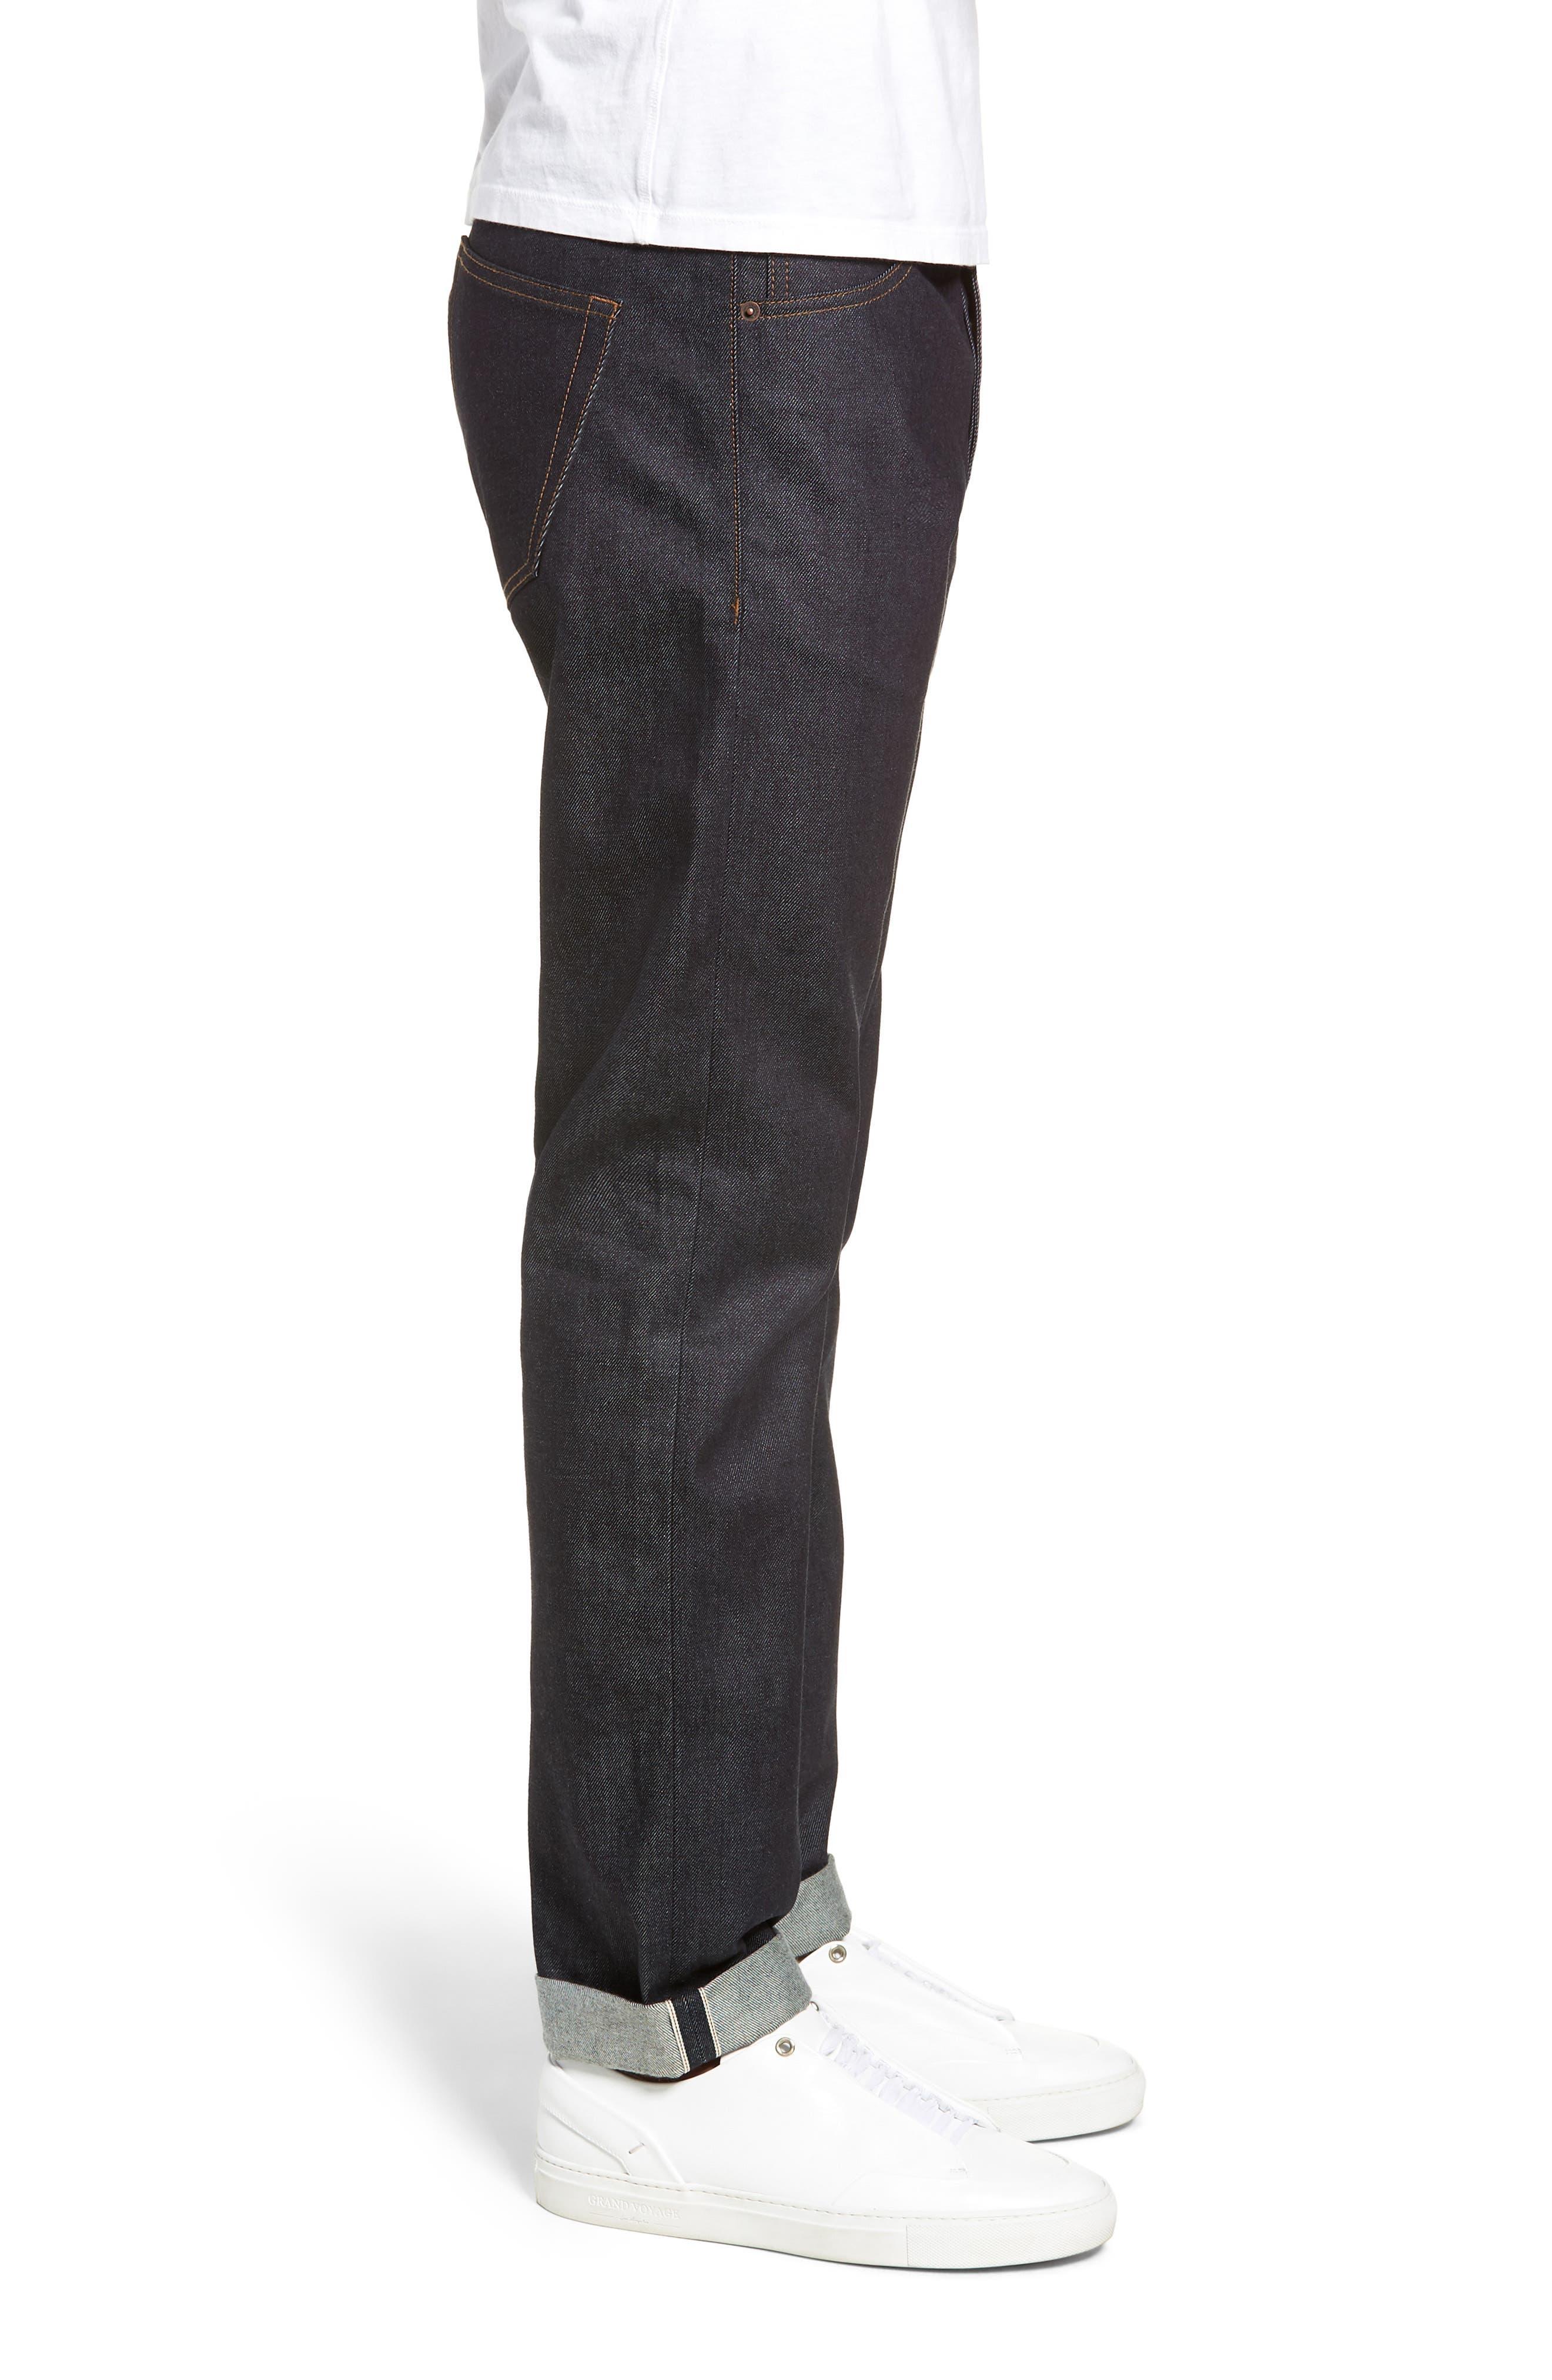 Dr. Denim Jeansmaker Gus Slim Straight Leg Raw Selvedge Jeans,                             Alternate thumbnail 3, color,                             RAW SELVAGE